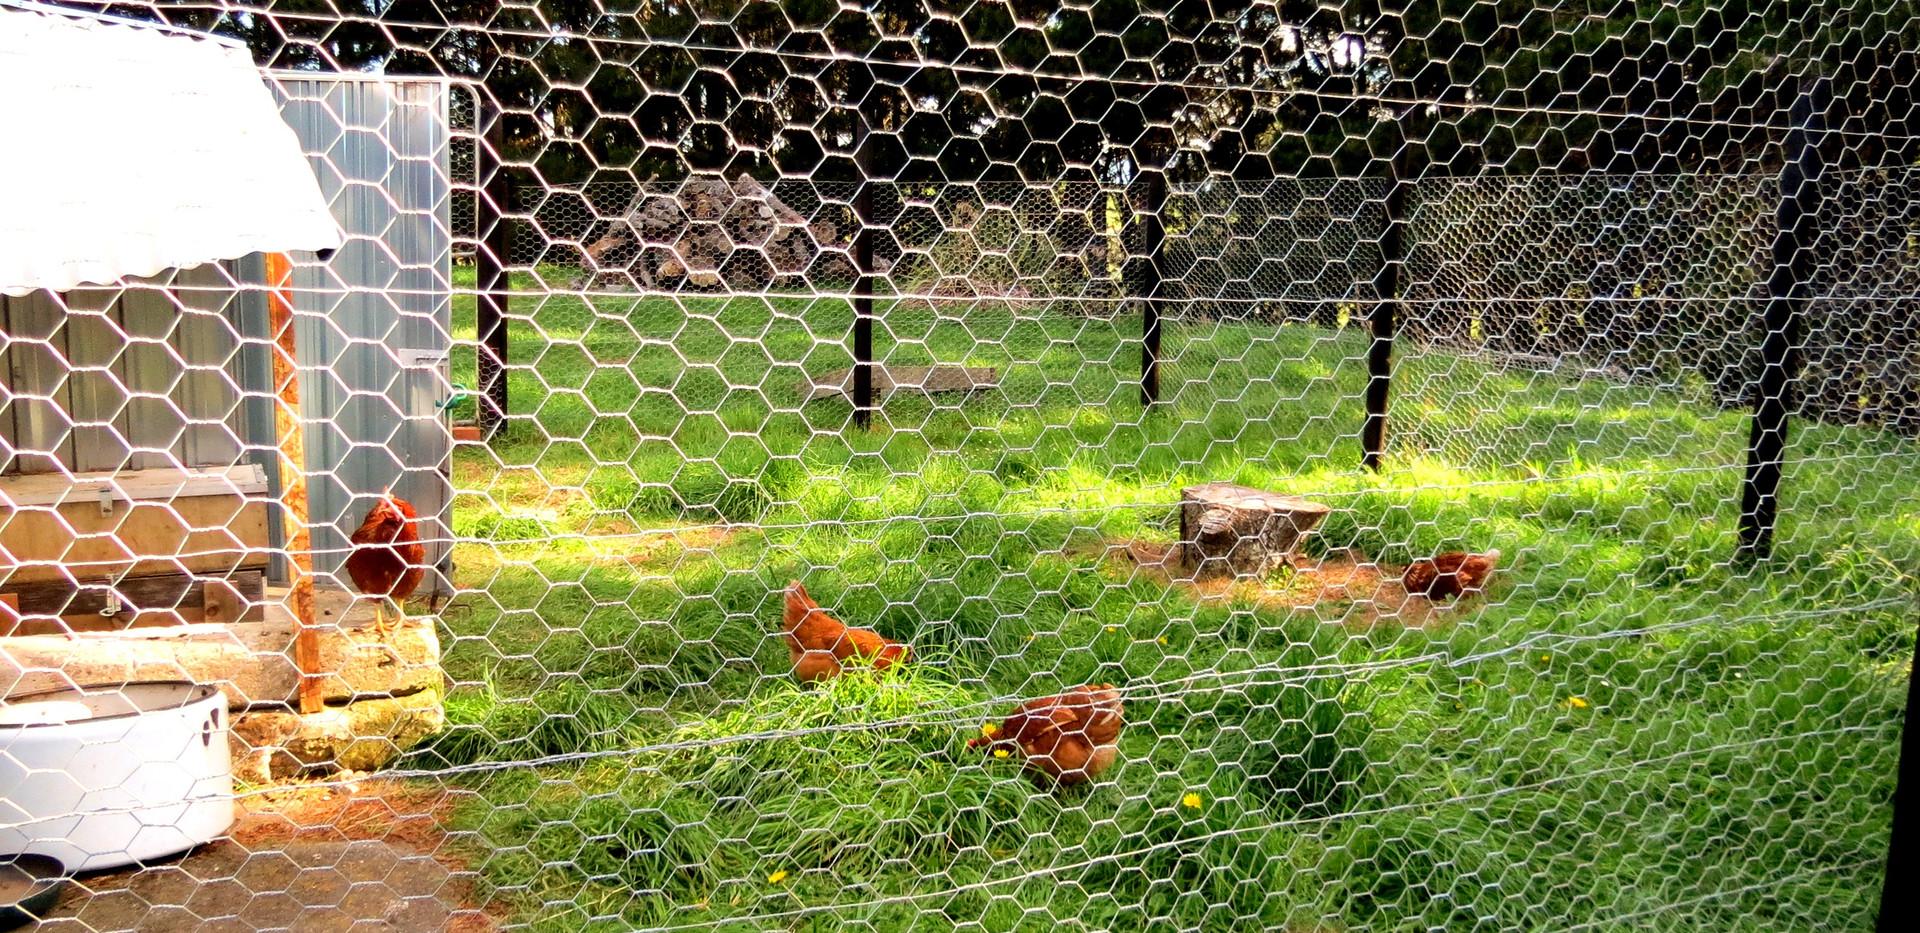 Chicken fencing_edited.jpg